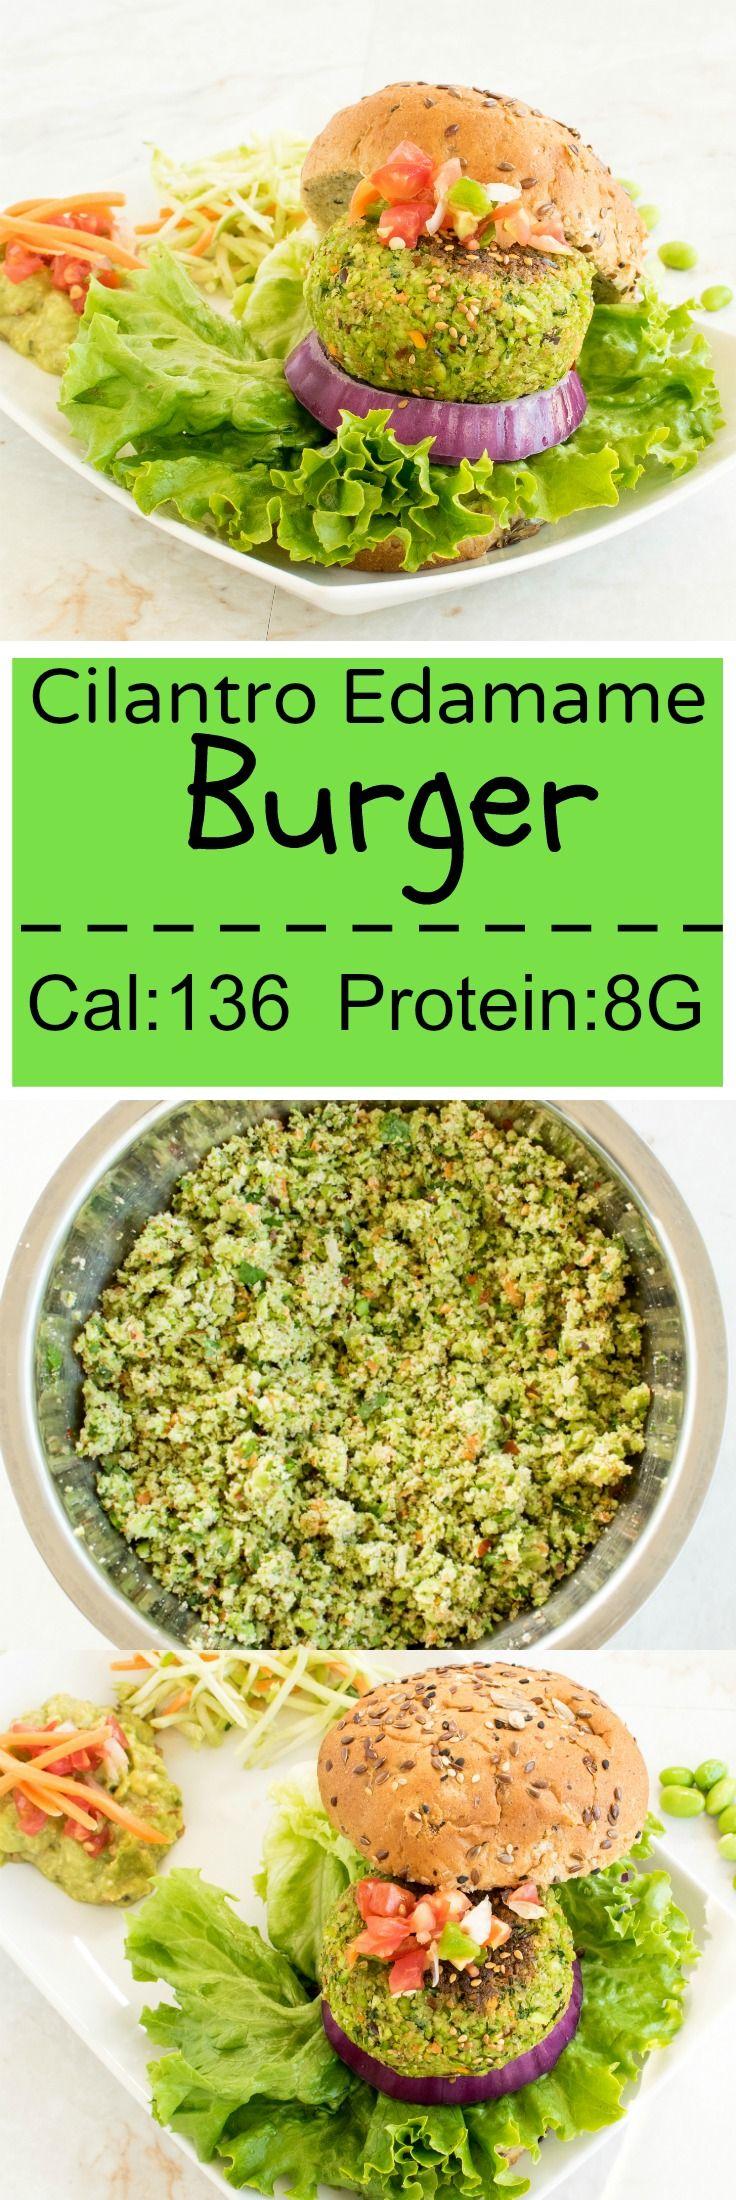 Cilantro Edamame Burger   Protein rich vegan burger   kiipfit.com